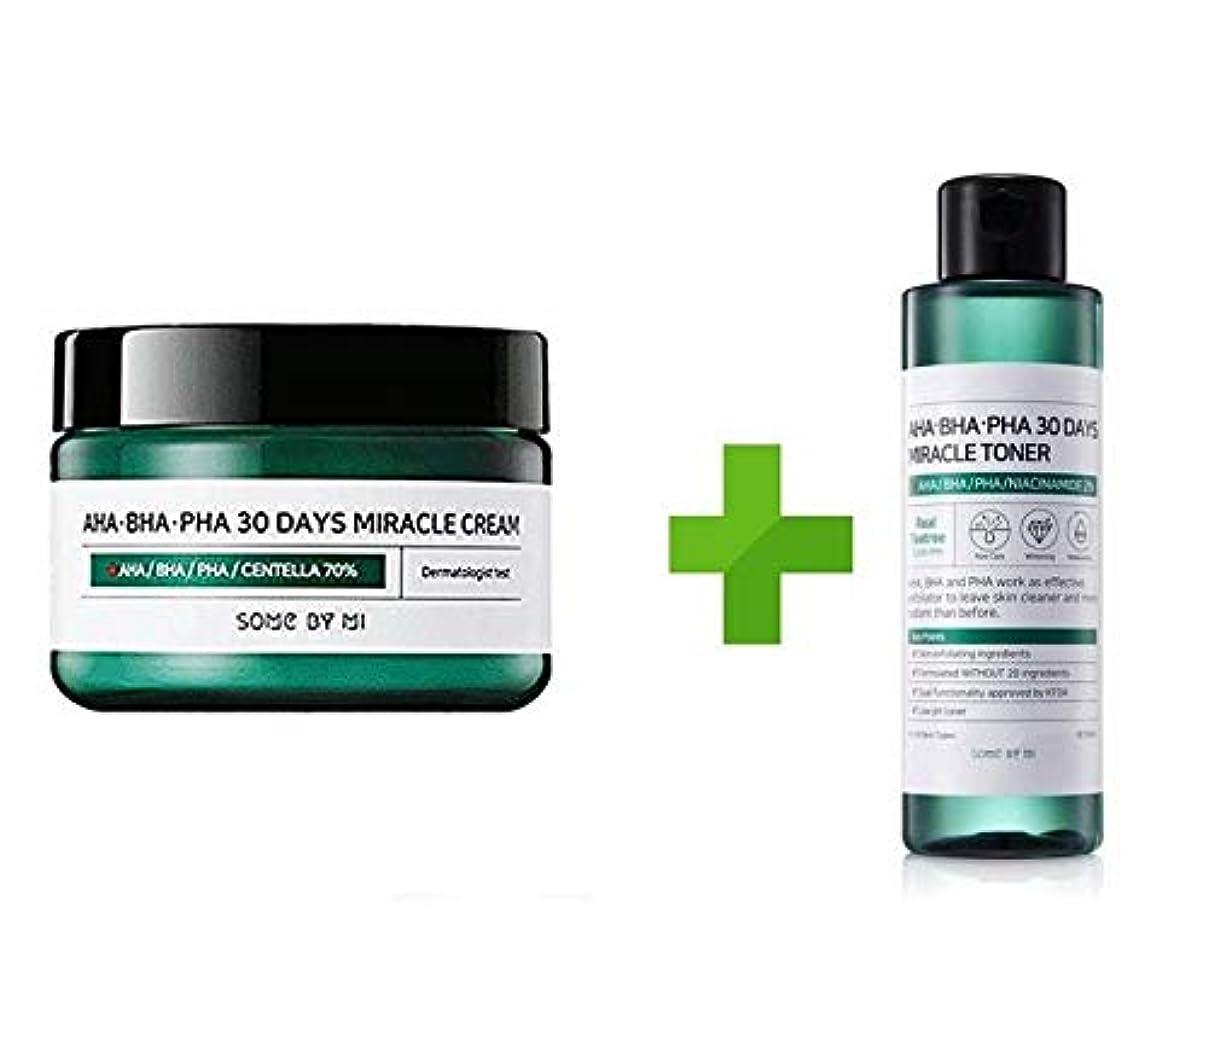 冊子思想忌まわしいSomebymi AHA BHA PHA Miracle Cream (50ml + Toner 150ml)Skin Barrier & Recovery, Soothing with Tea Tree 10,000ppm...